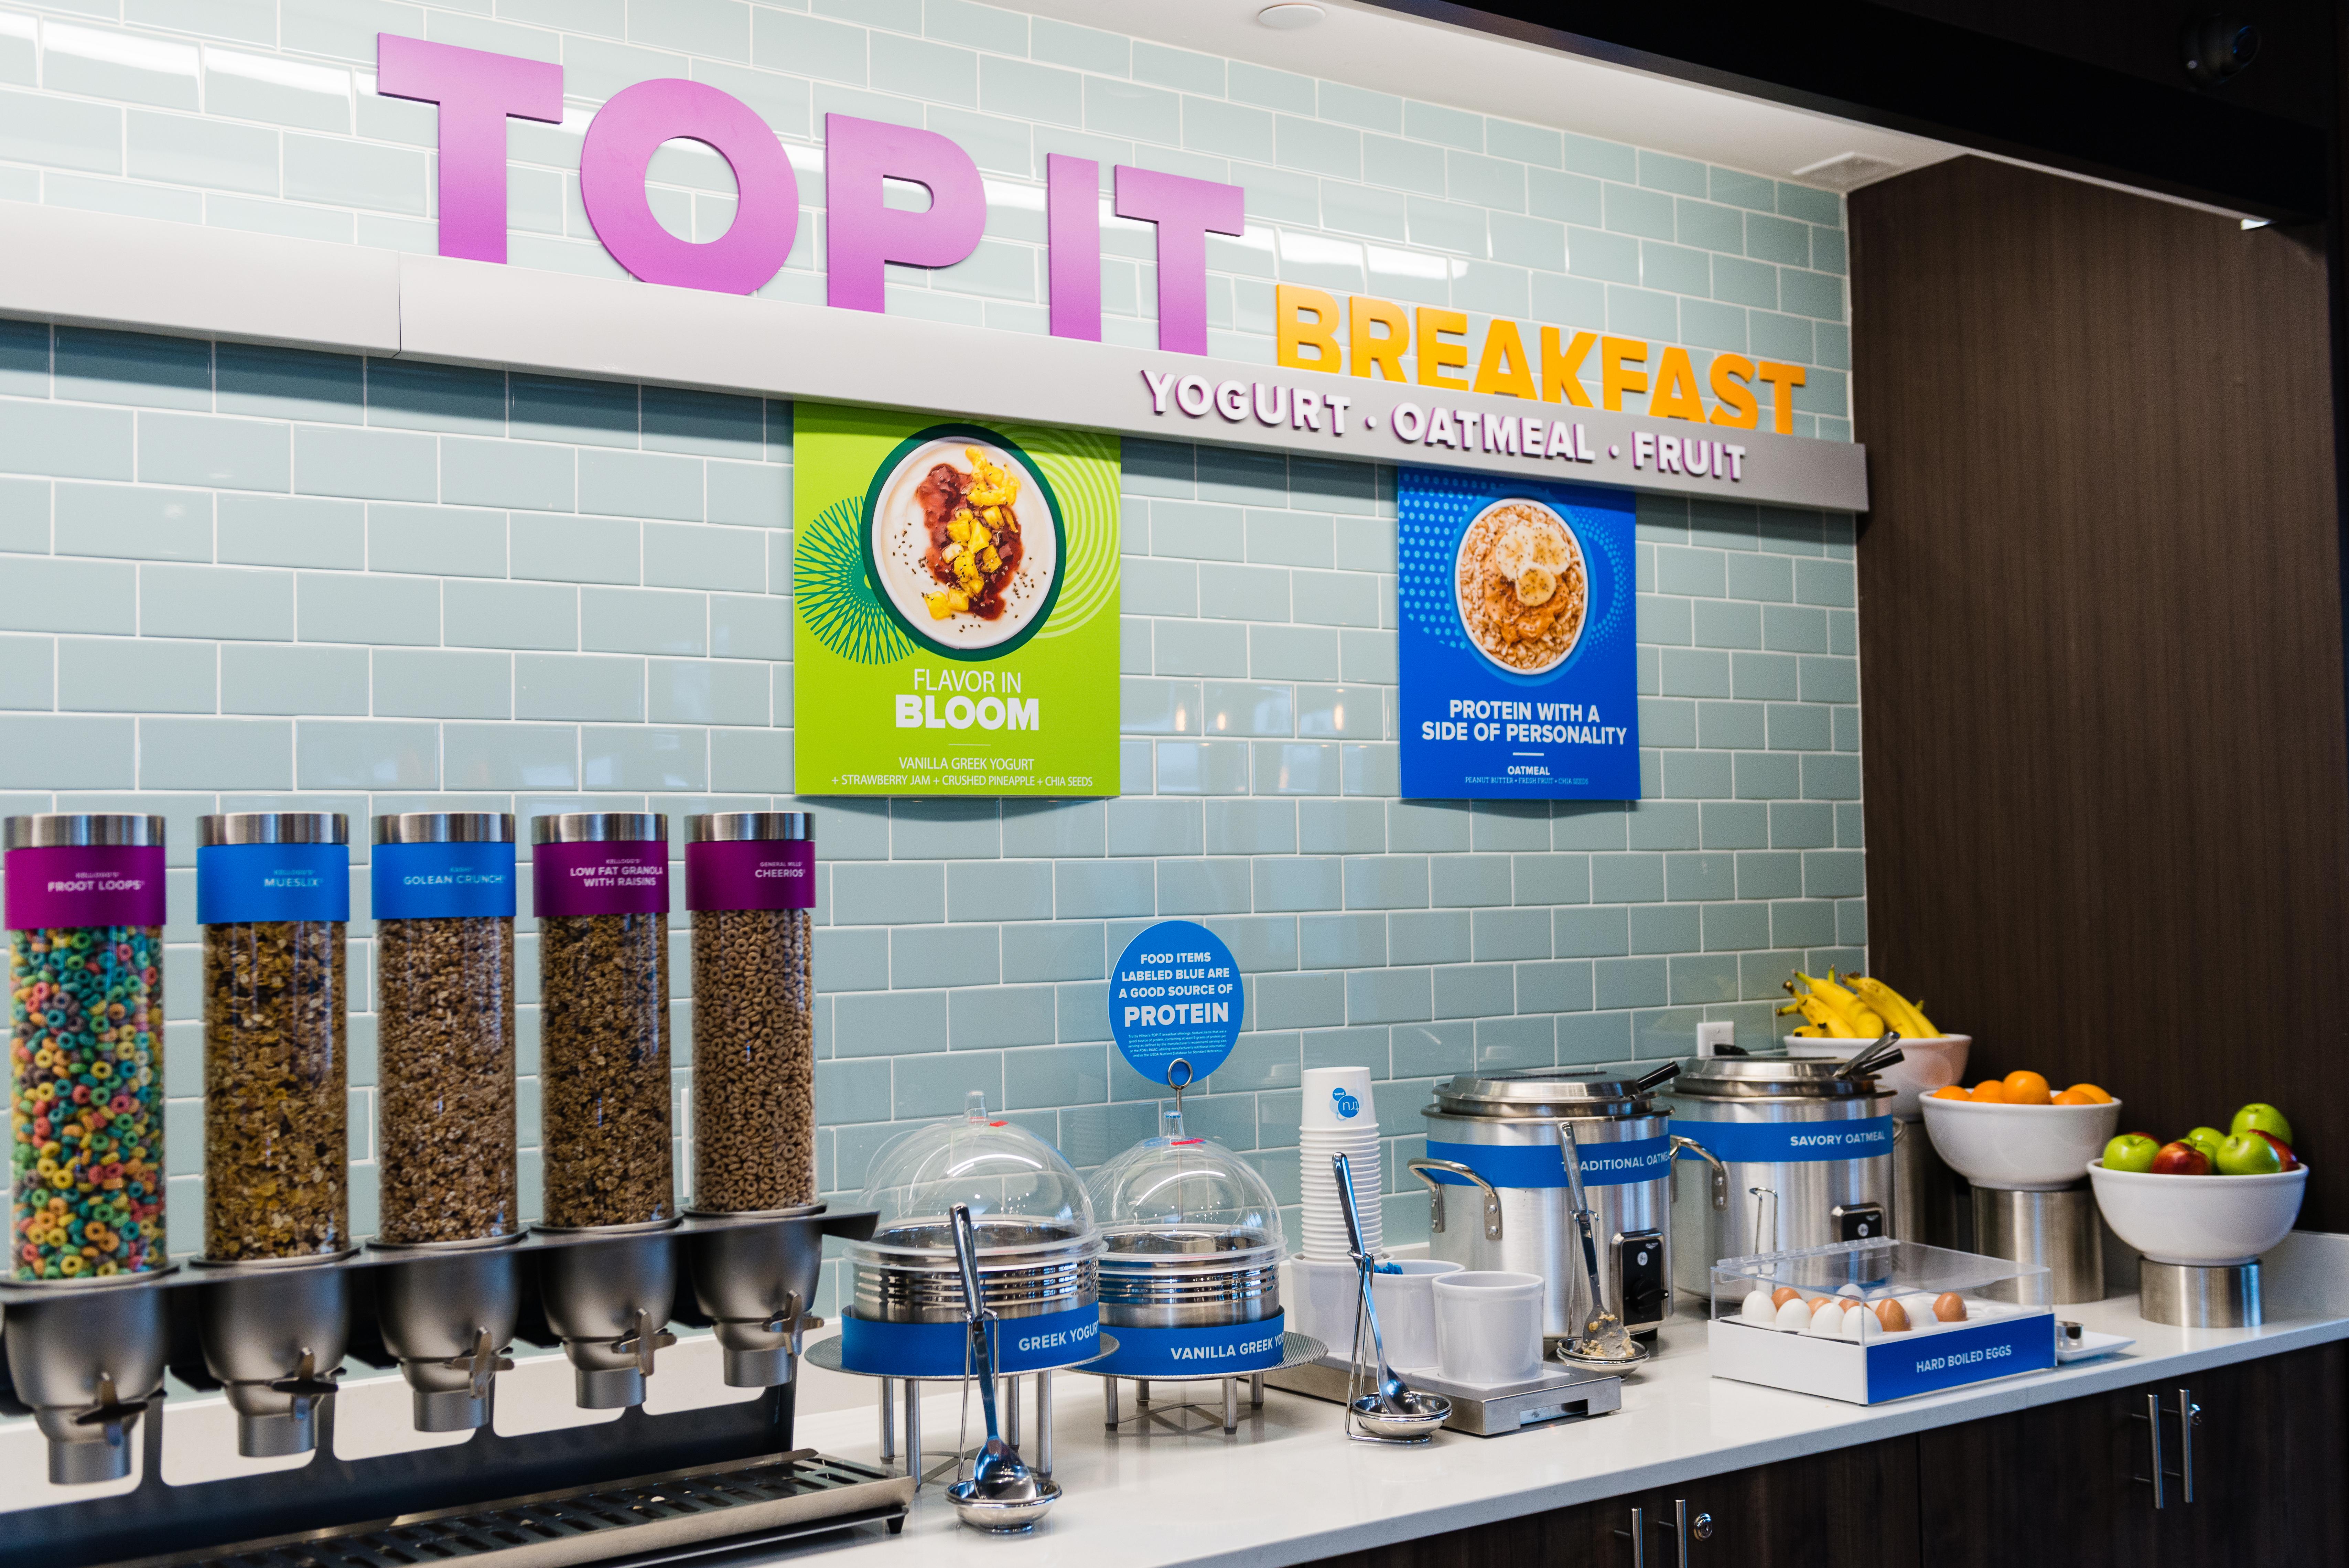 """重新规划的早餐拥有自助式免费""""Top It""""早餐柜台,摆放有30种贴心、可口的配料,宾客可藉此打造其独有的健康早餐或盛宴。(照片:美国商业资讯)"""